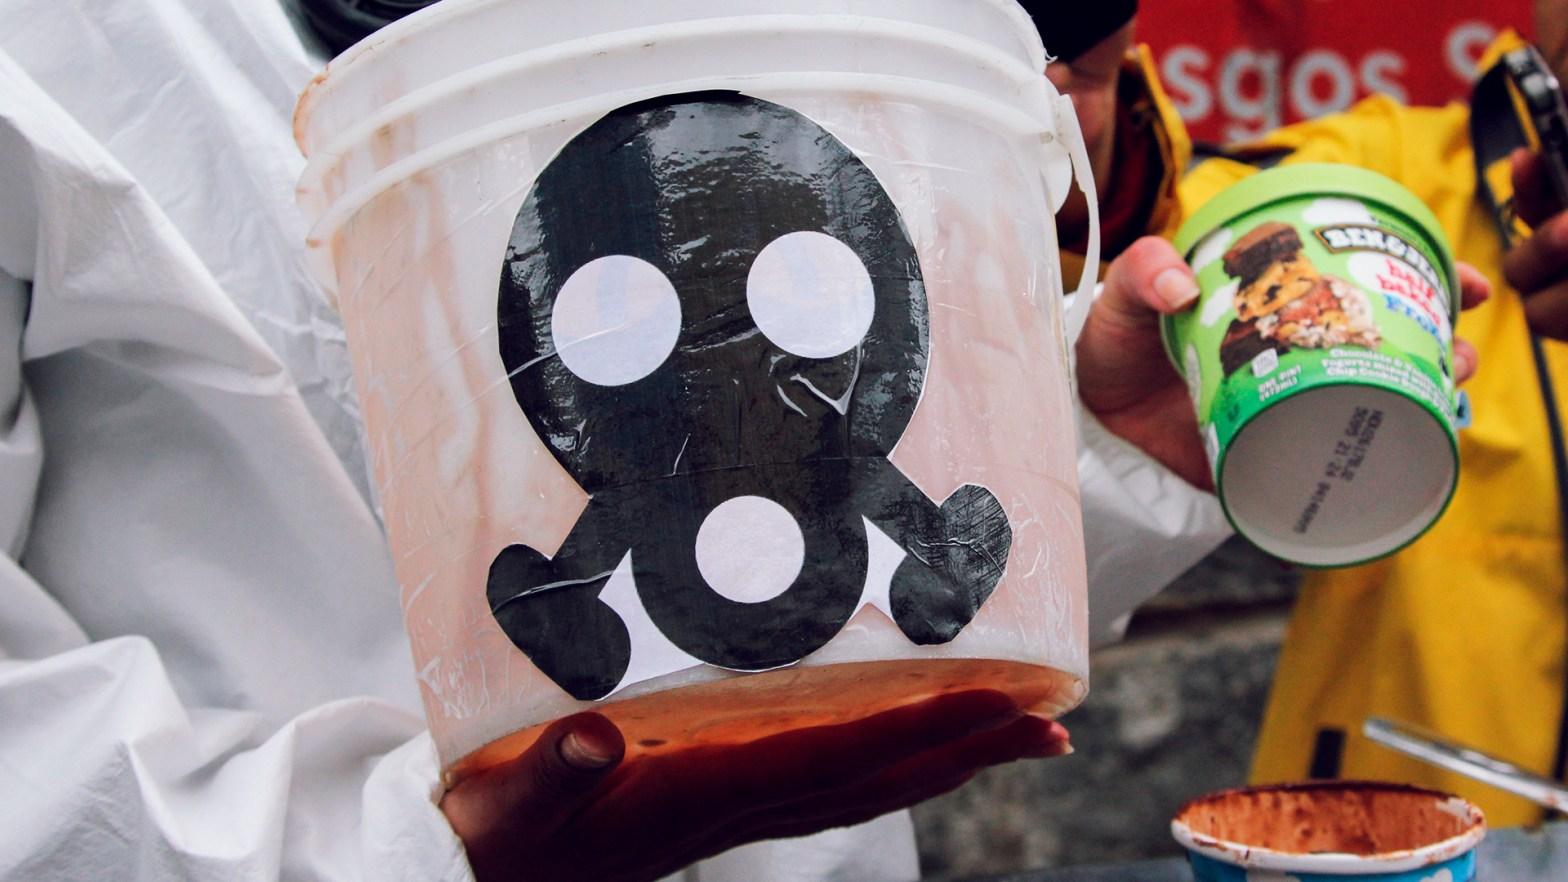 Imagen de una calavera en un bote blanco para manifestar el descontento con los agroquímicos